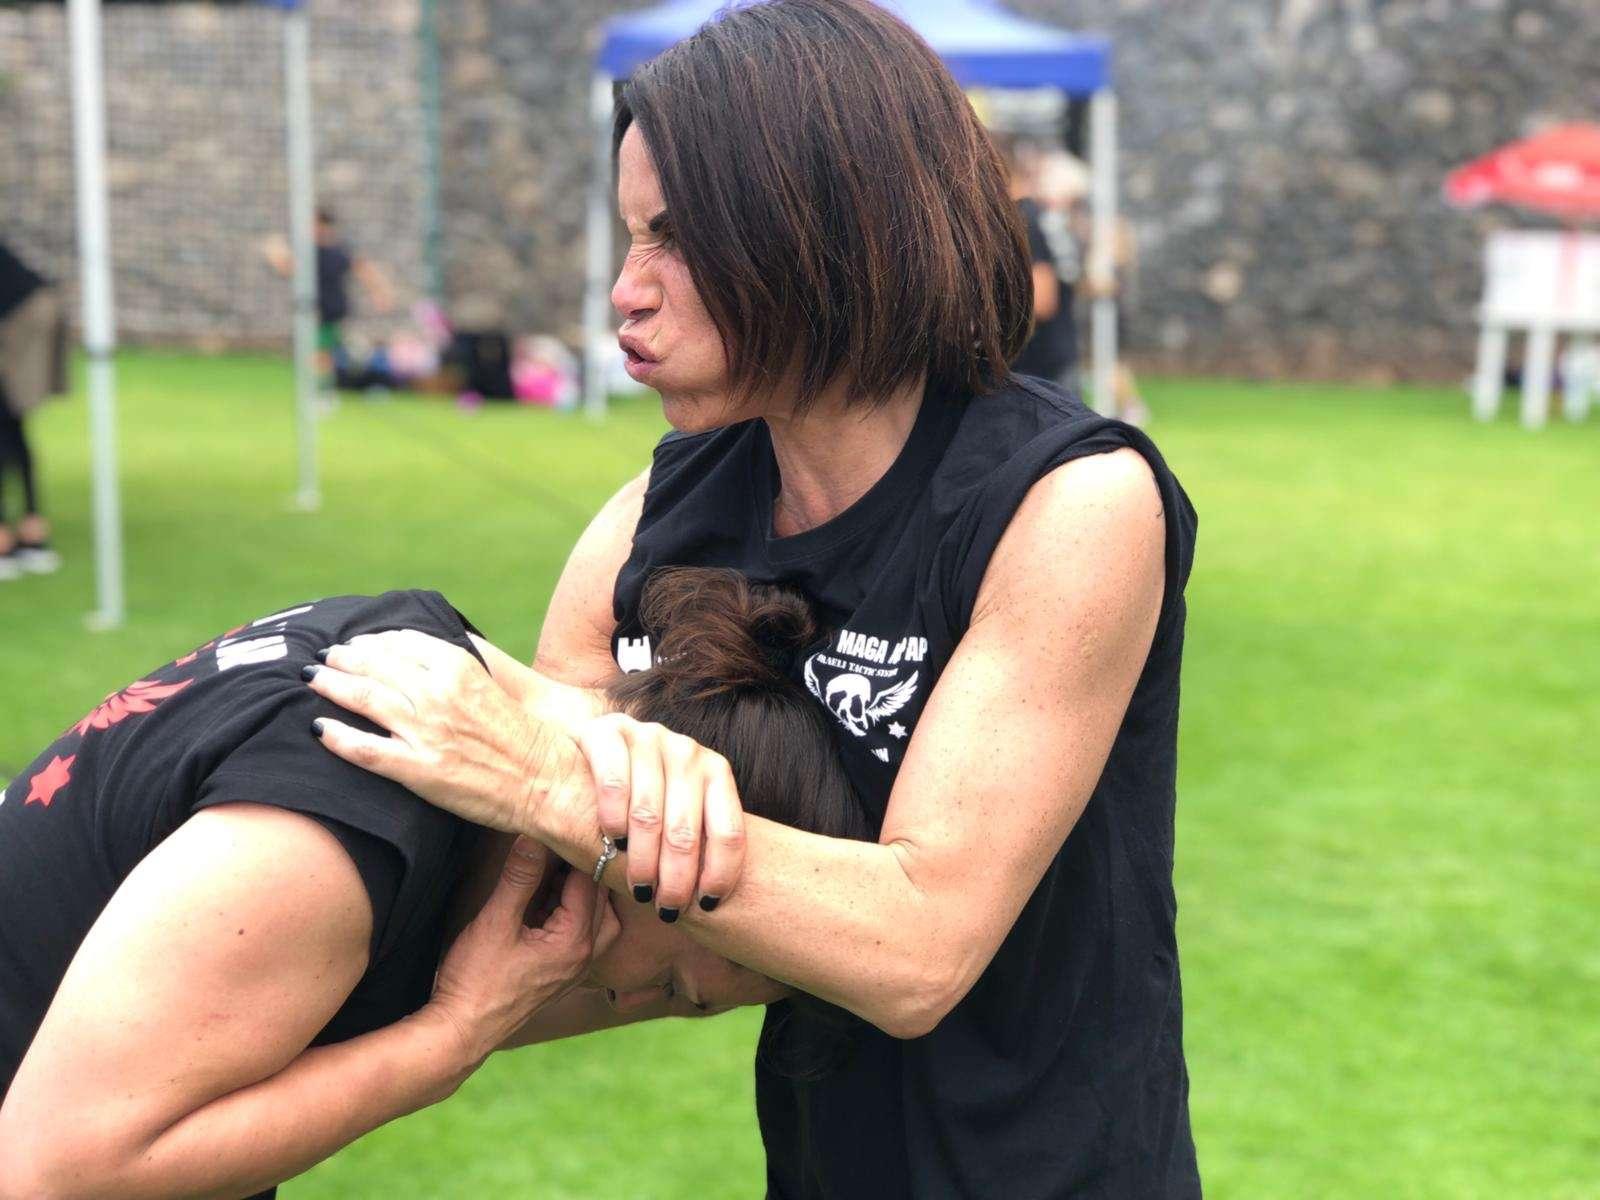 Krav Maga Training designed for everyday peopleKrav Maga Courses